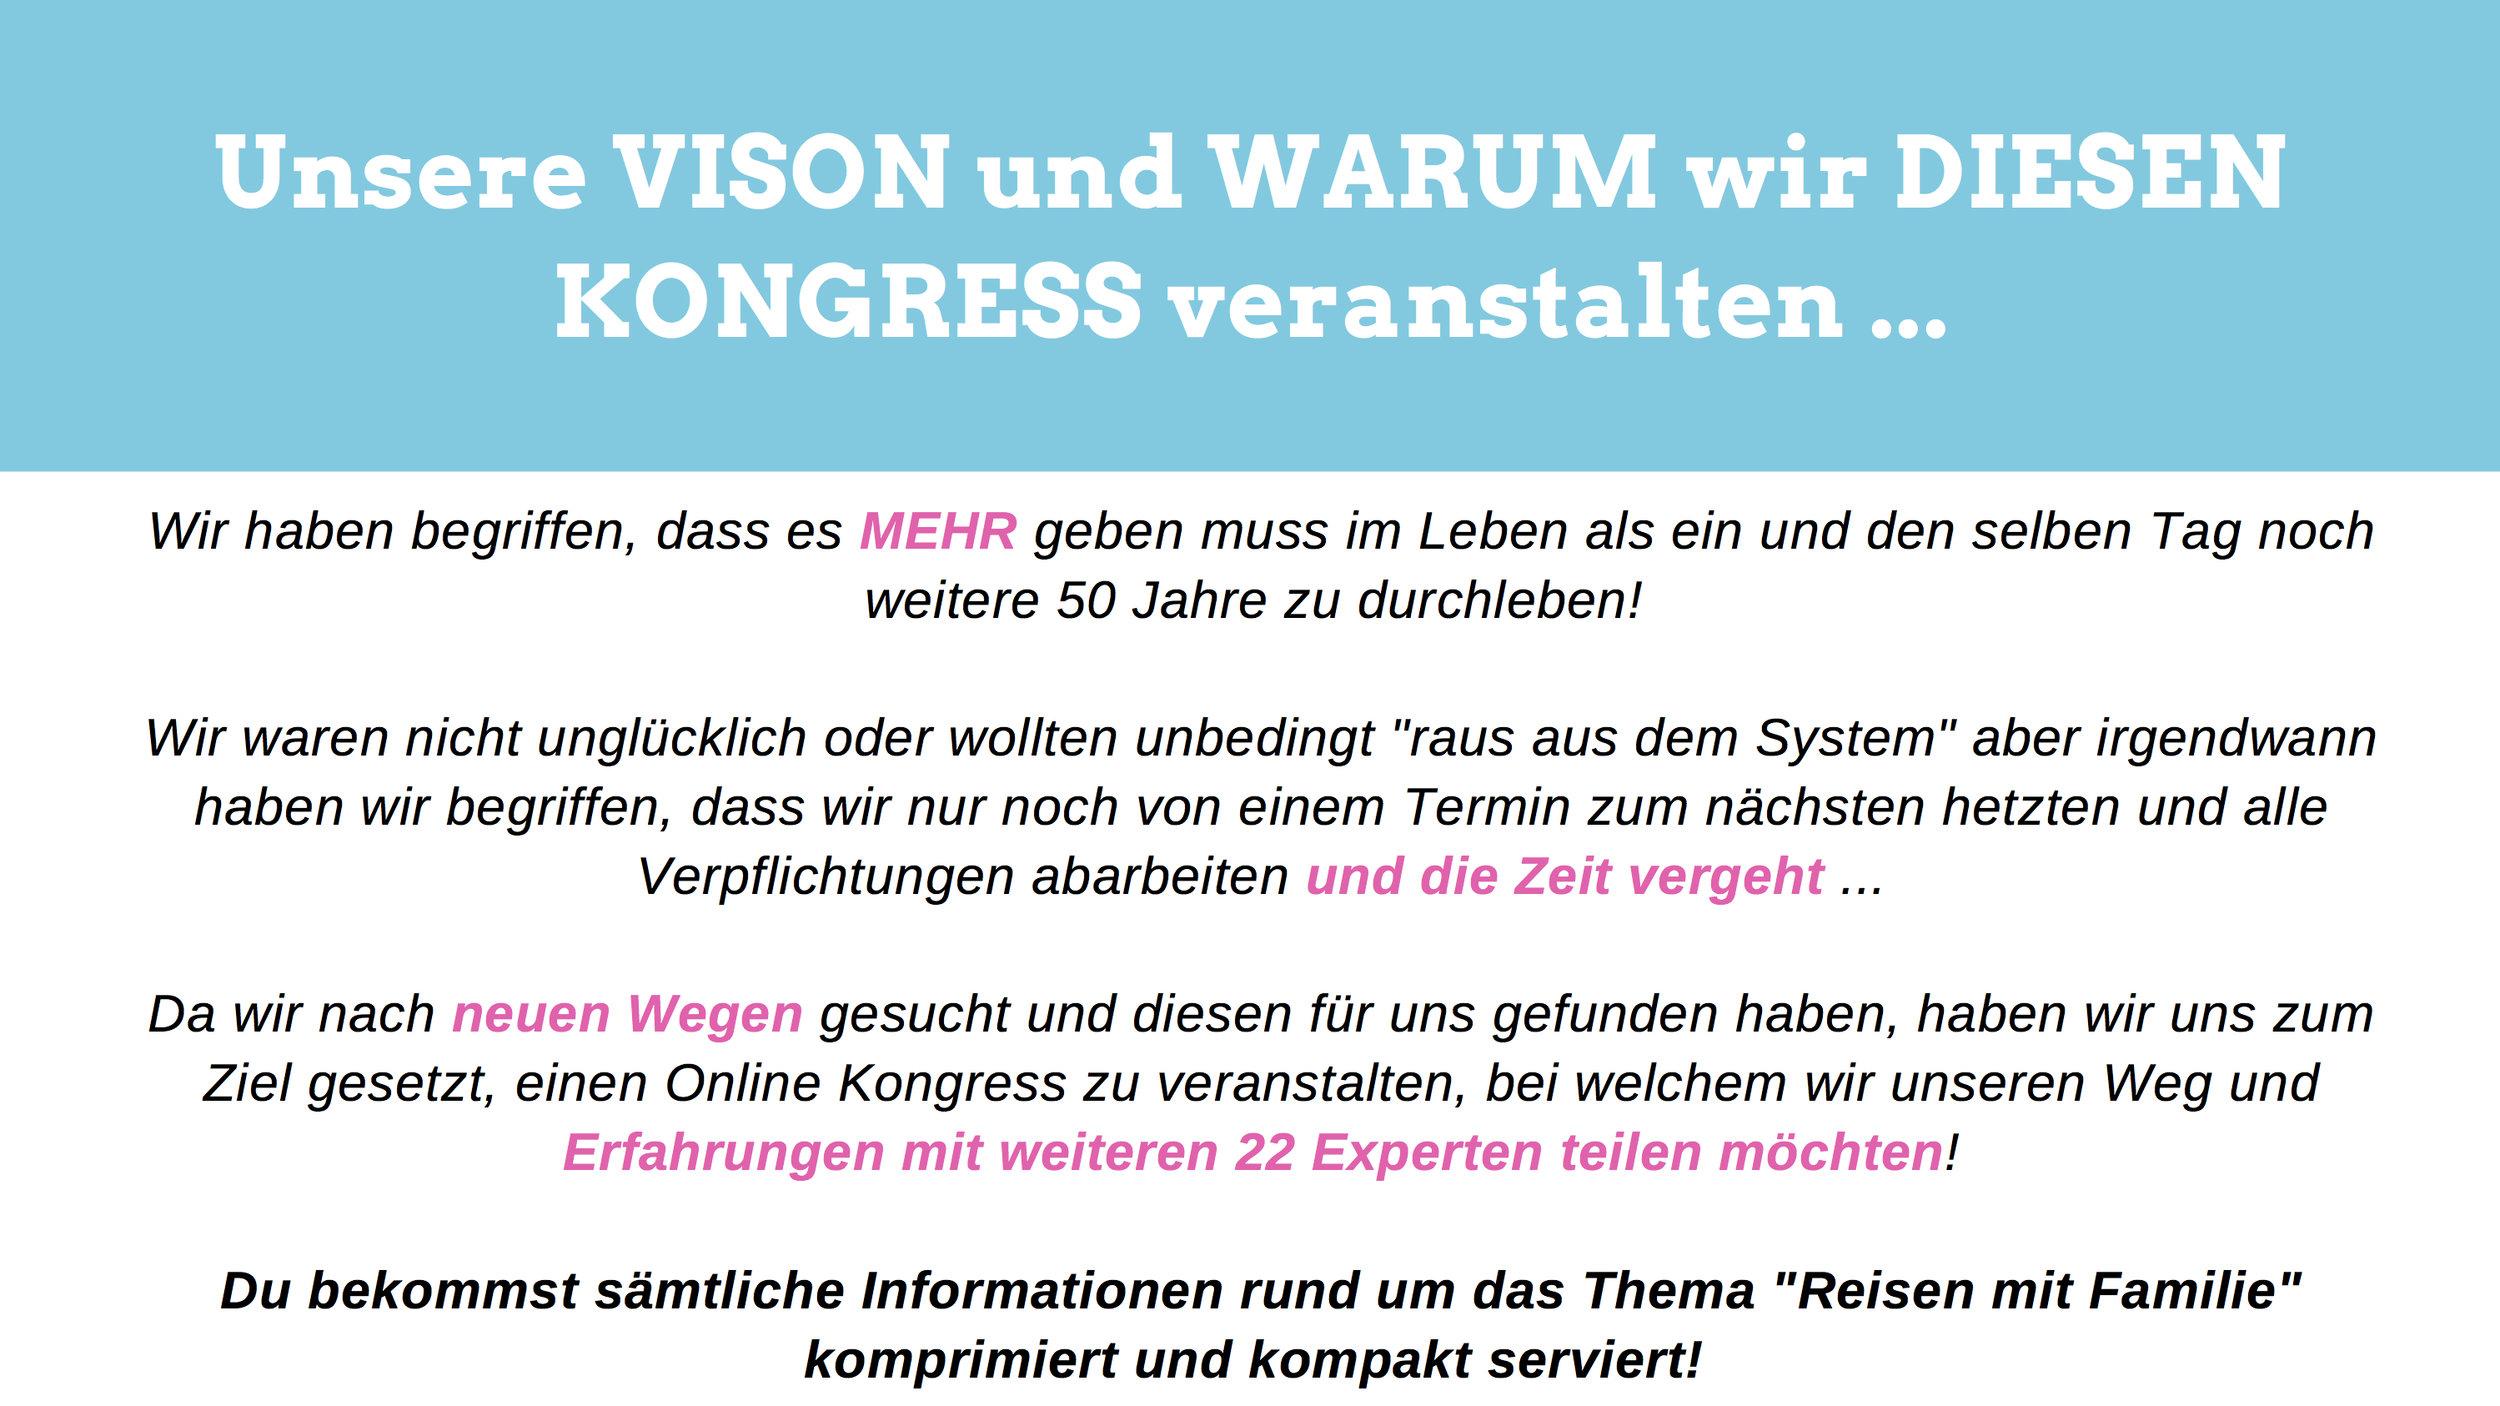 UNSERE MISSION UND WARUM WIR DIESEN KONGRESS VERANSTALTEN?-2.jpg